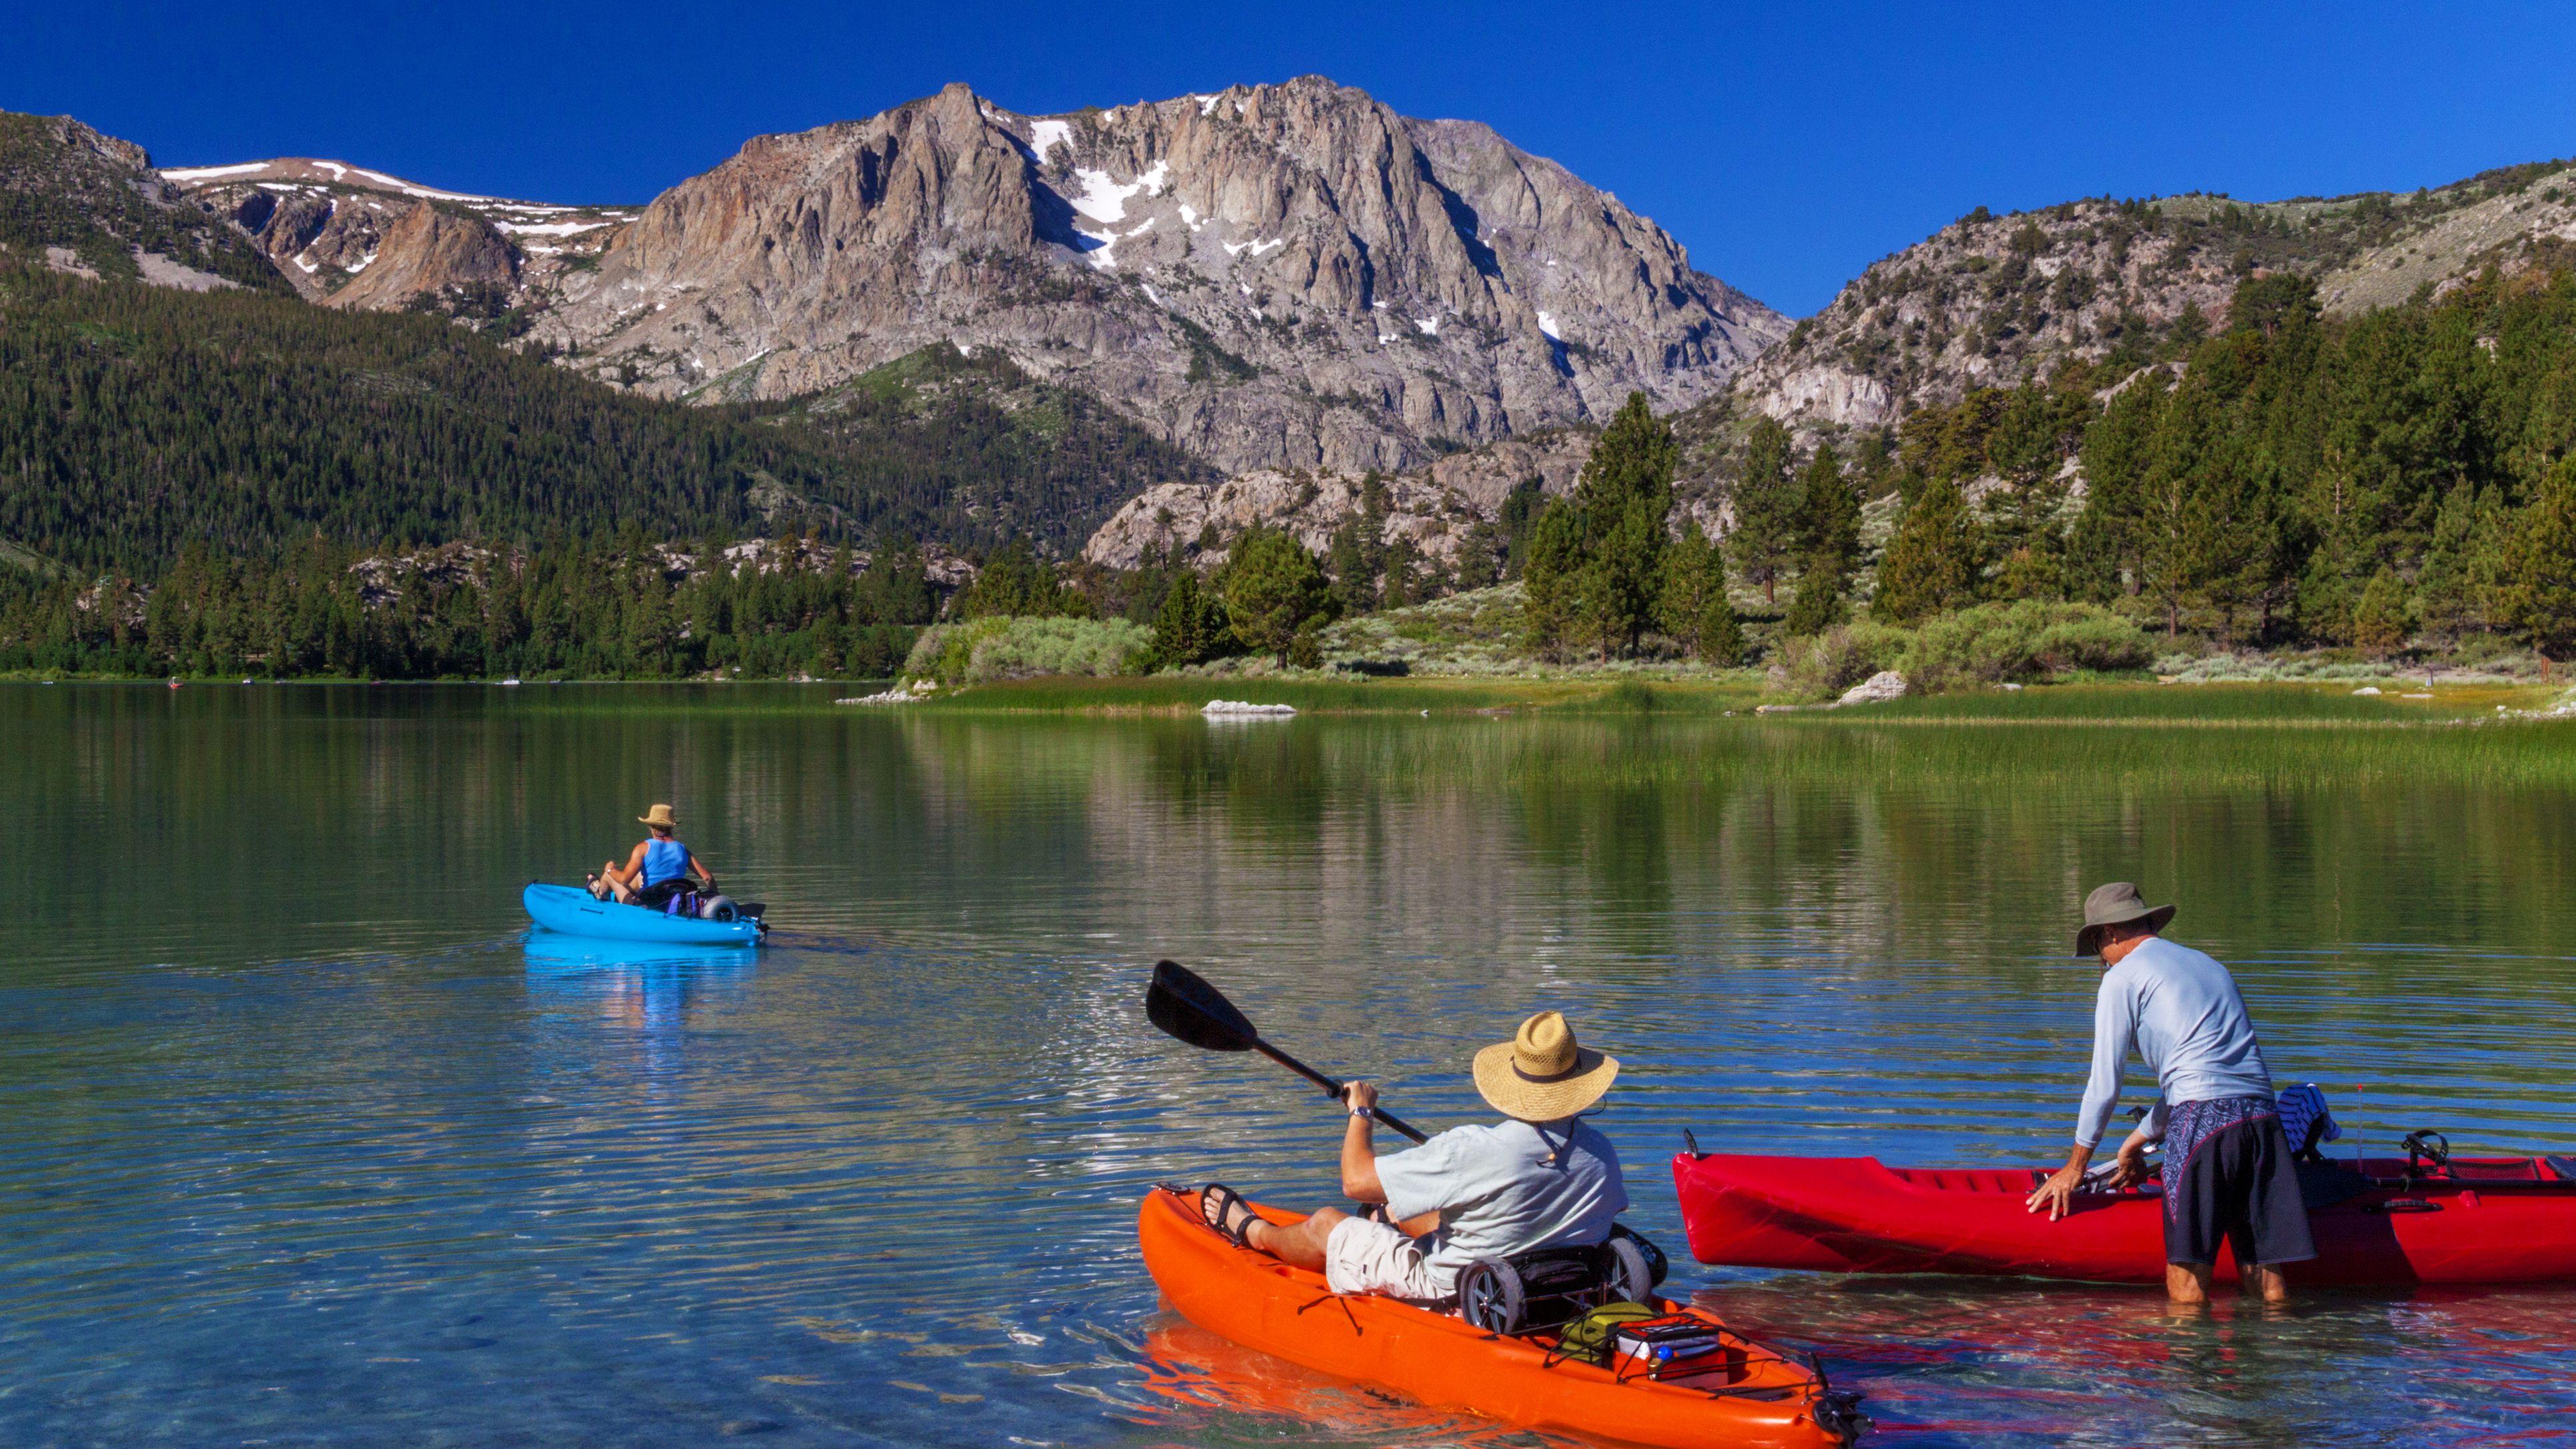 Visiting June Lake, California